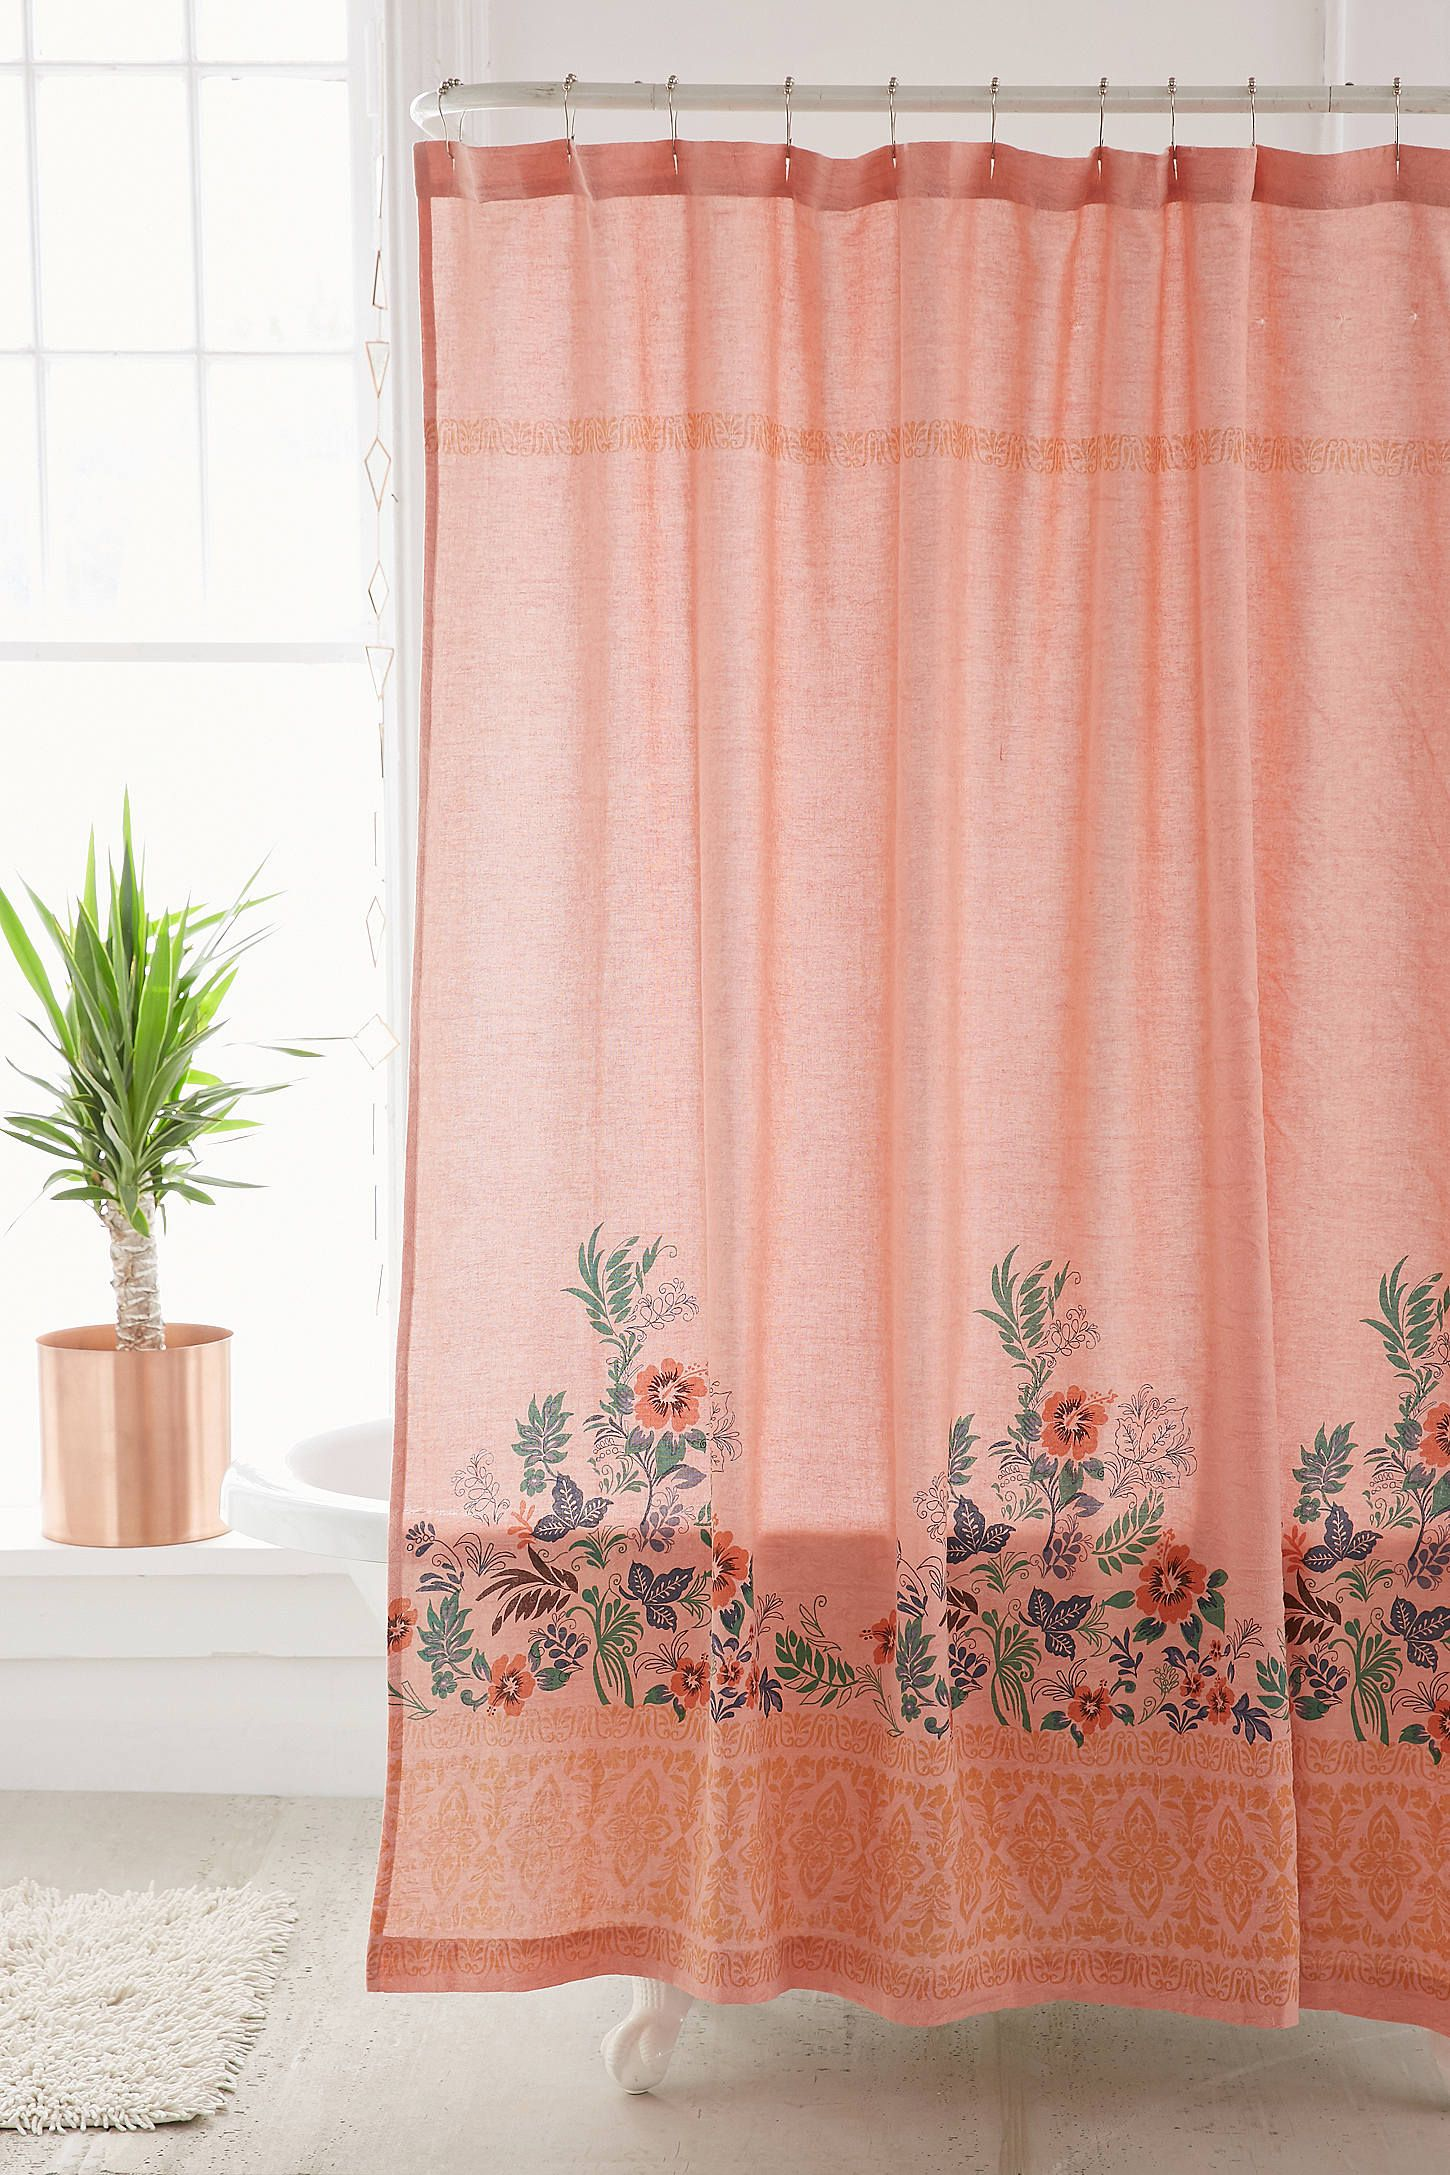 Shower Curtain Liner Decoration Interieure Deco Salle De Bain